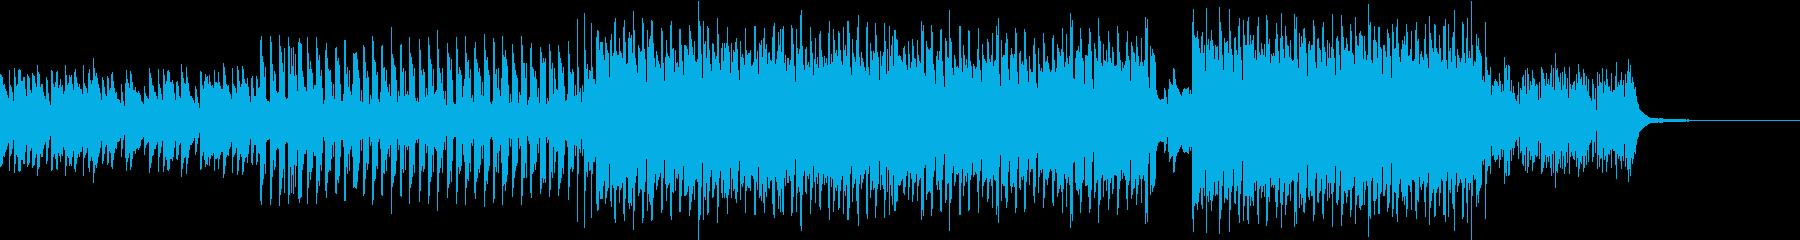 懐かしい夏の80年代風EDMの再生済みの波形